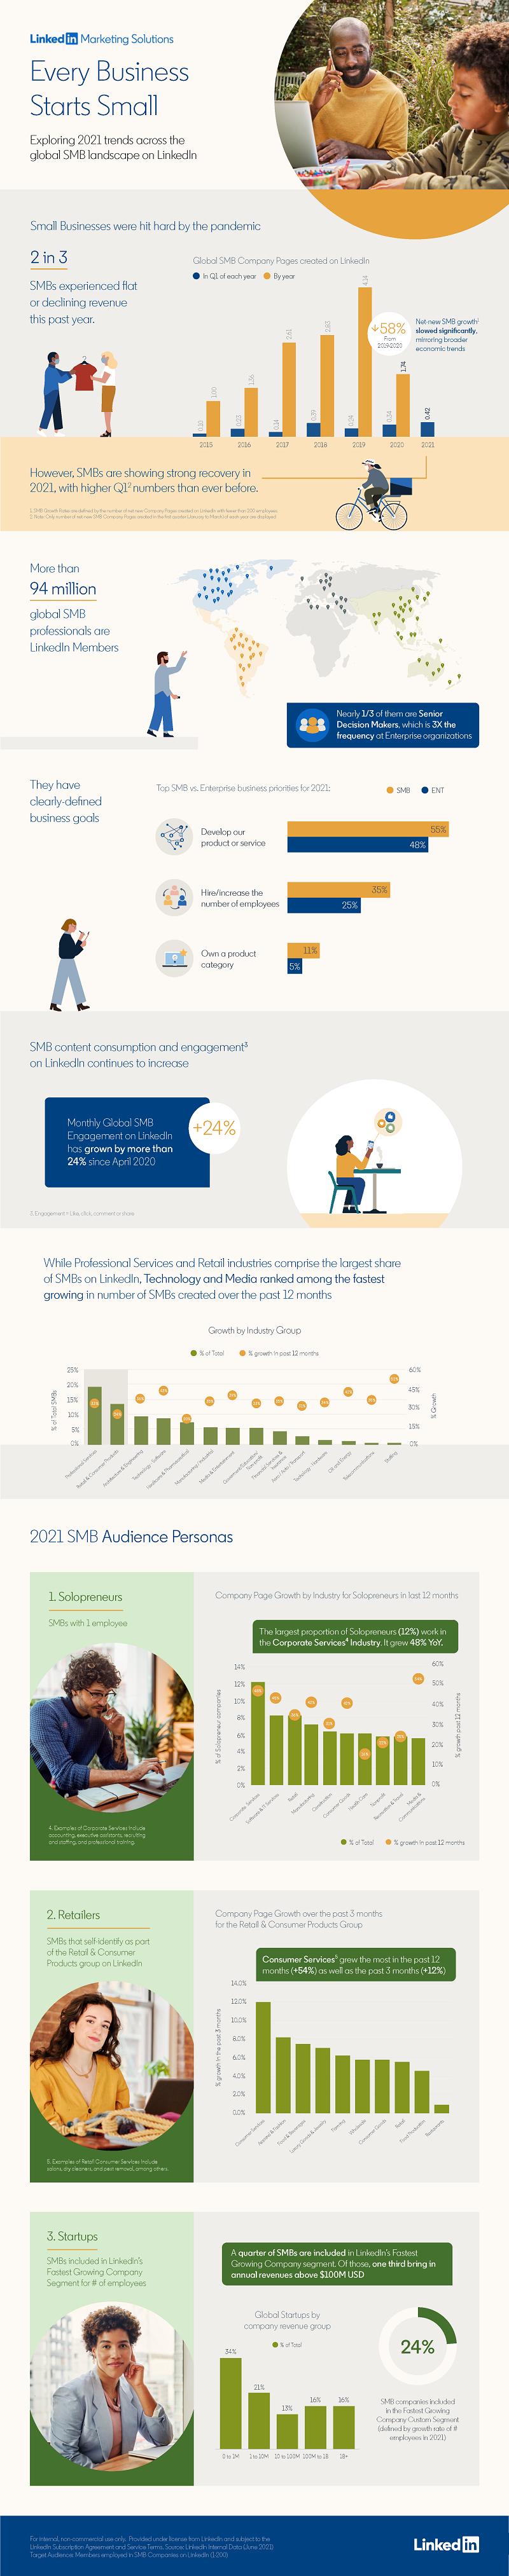 LinkedIn SMB survey 2021